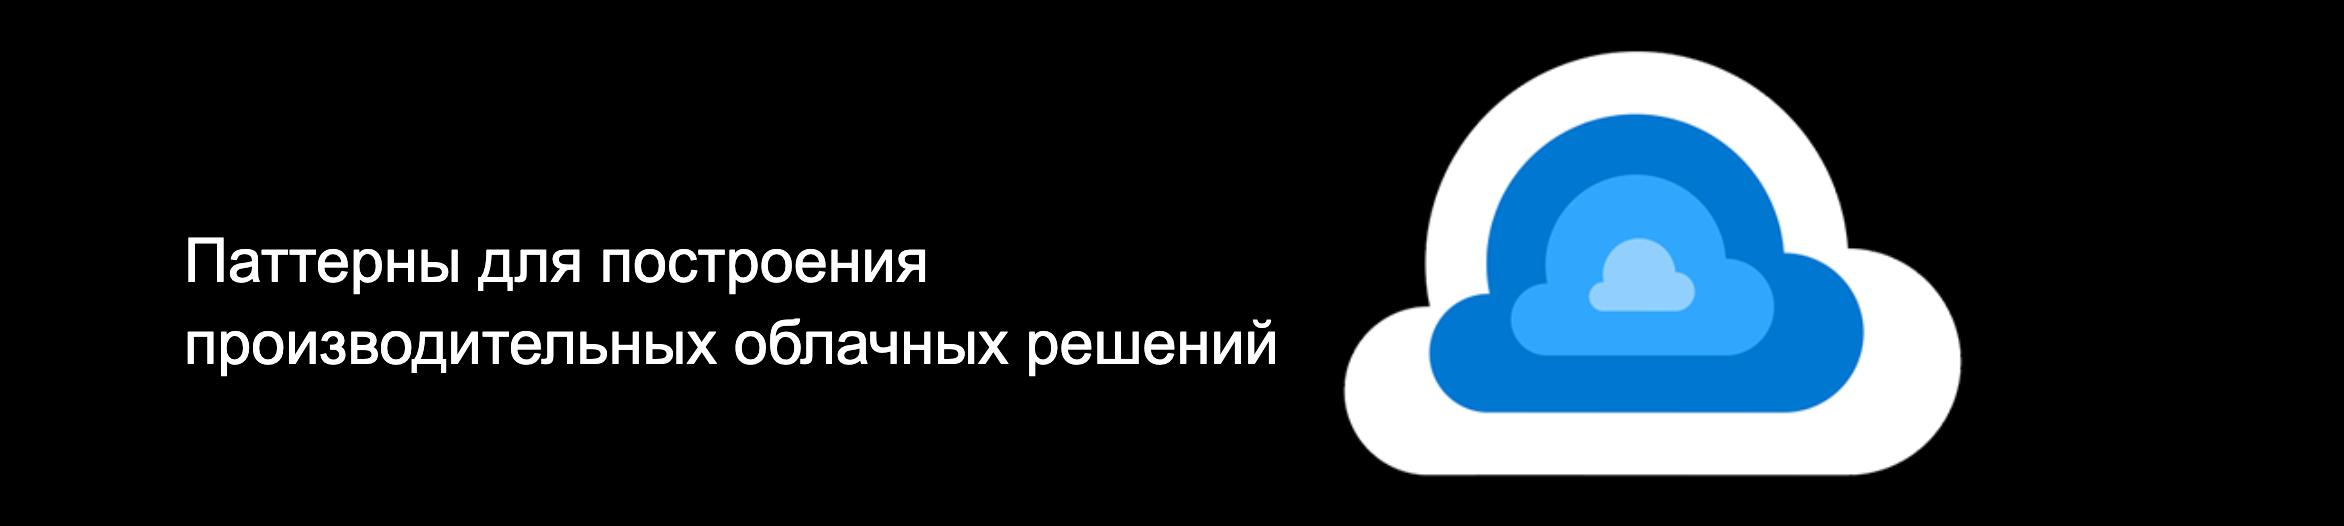 18 мая, на русском